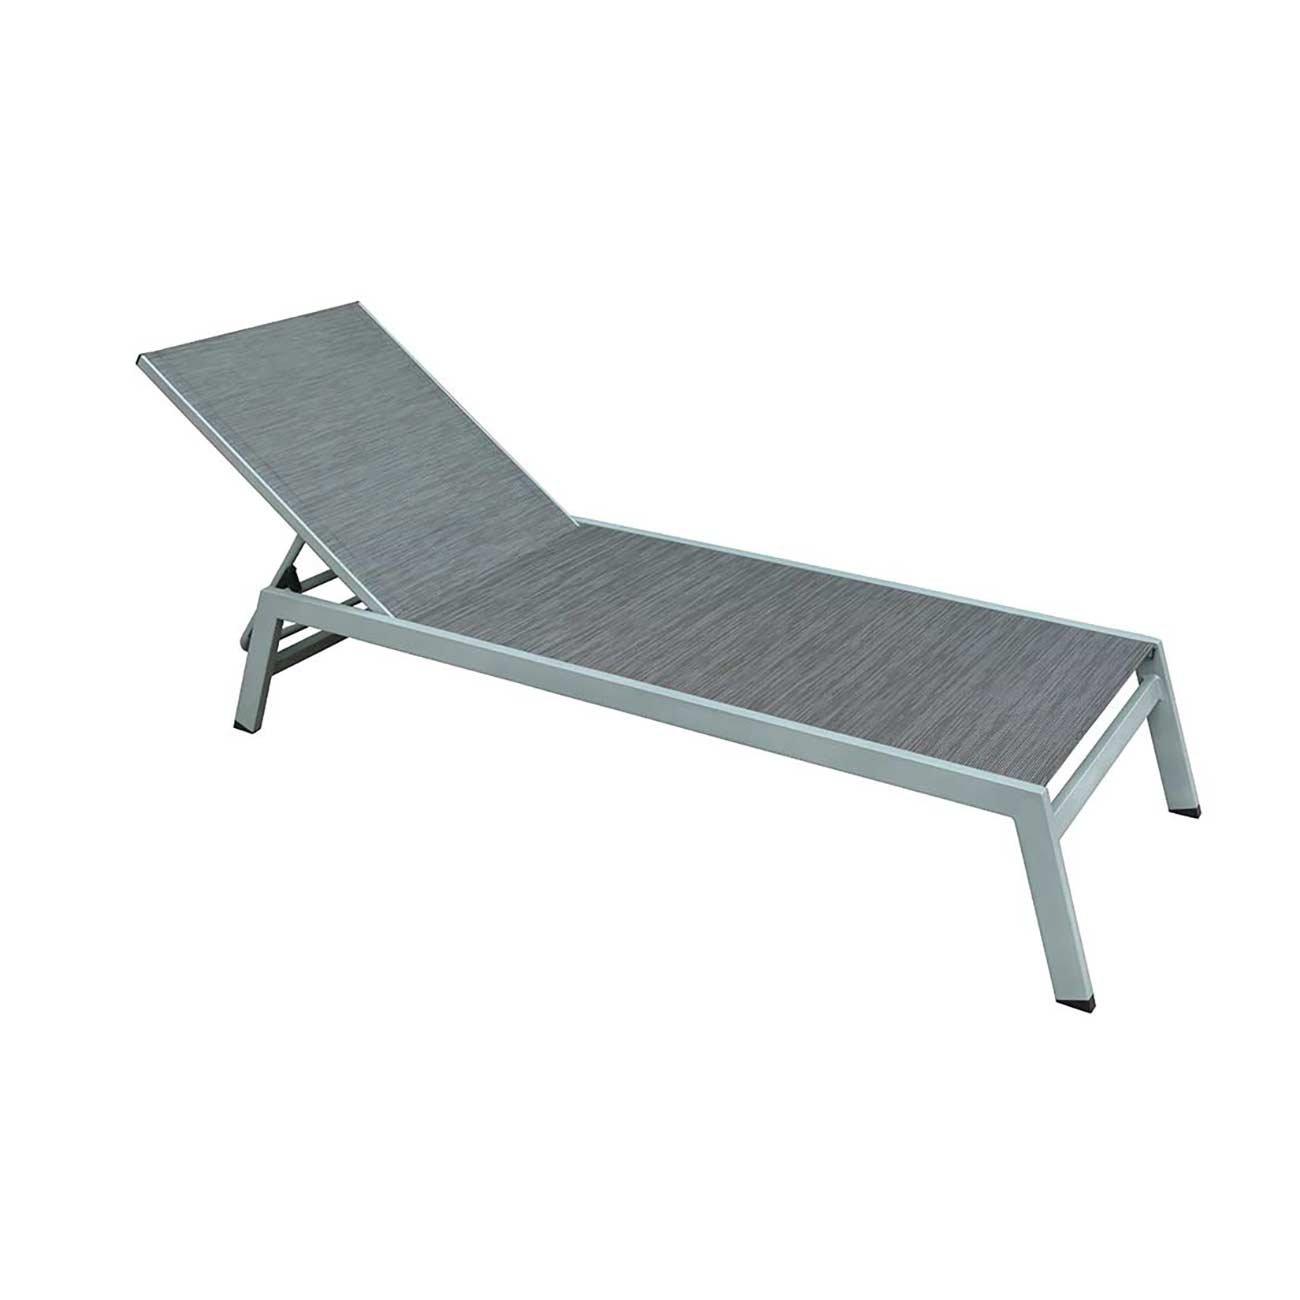 OUTLIV. Premium Sonnenliege Alu-Liege CRES Gartenliege Verstellbar Aluminium Textil Silber Anthrazit Terrassenliege Balkonliege Wetterfest